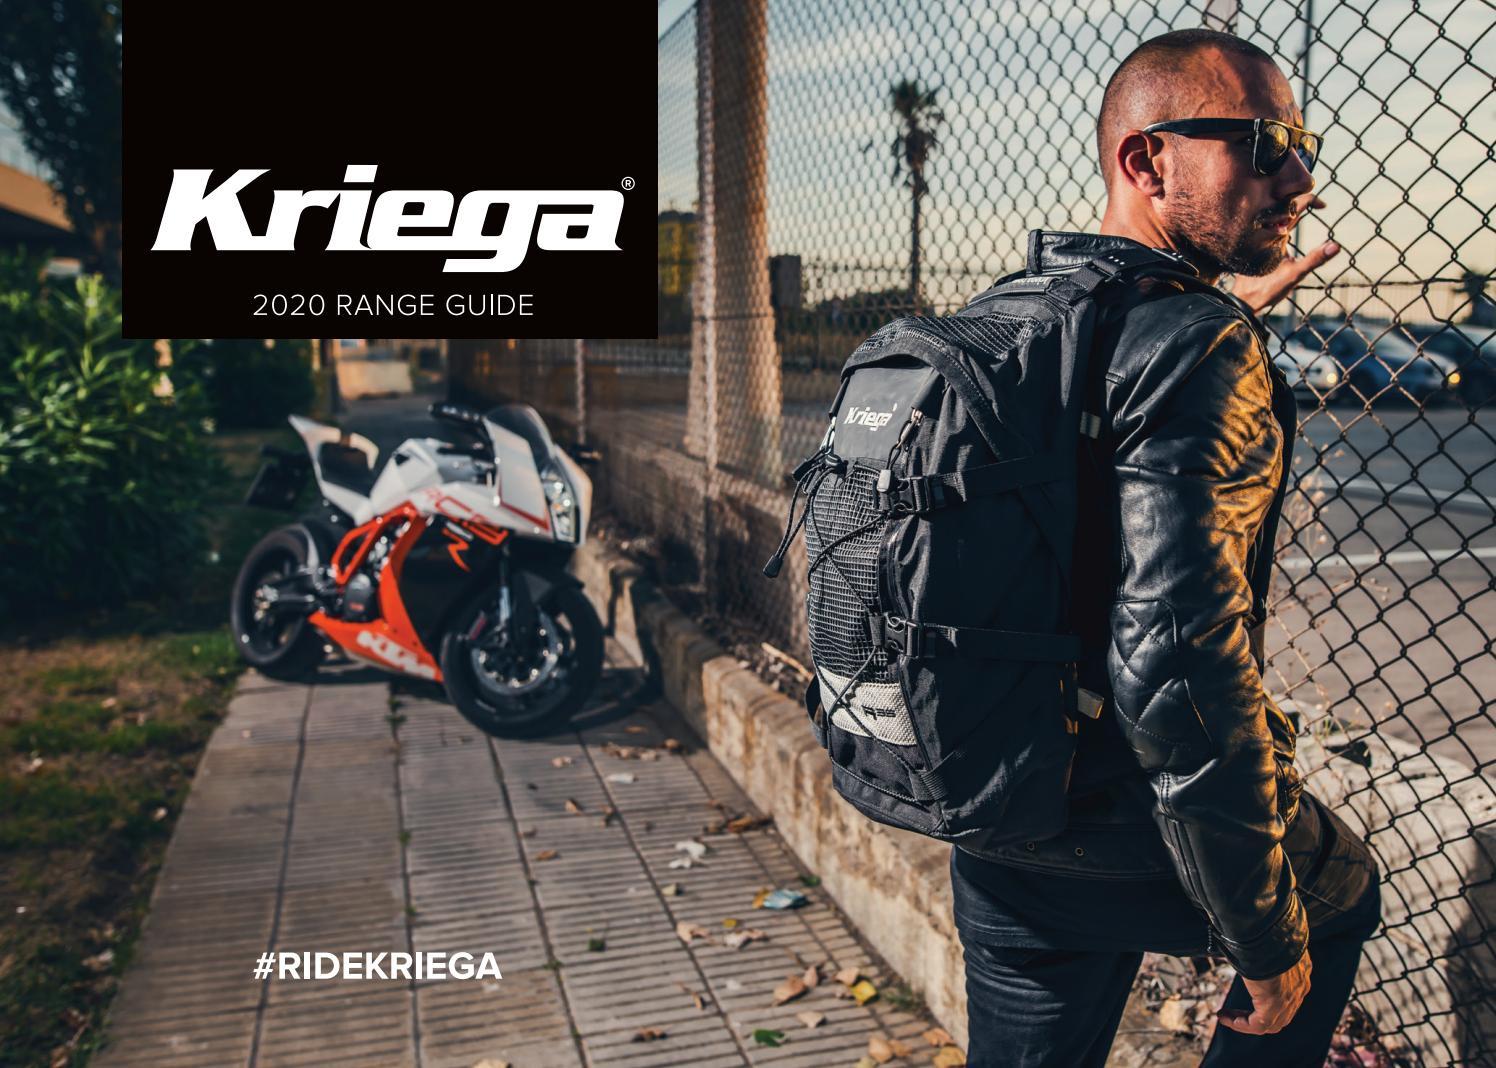 Kriega kru25/Backpack